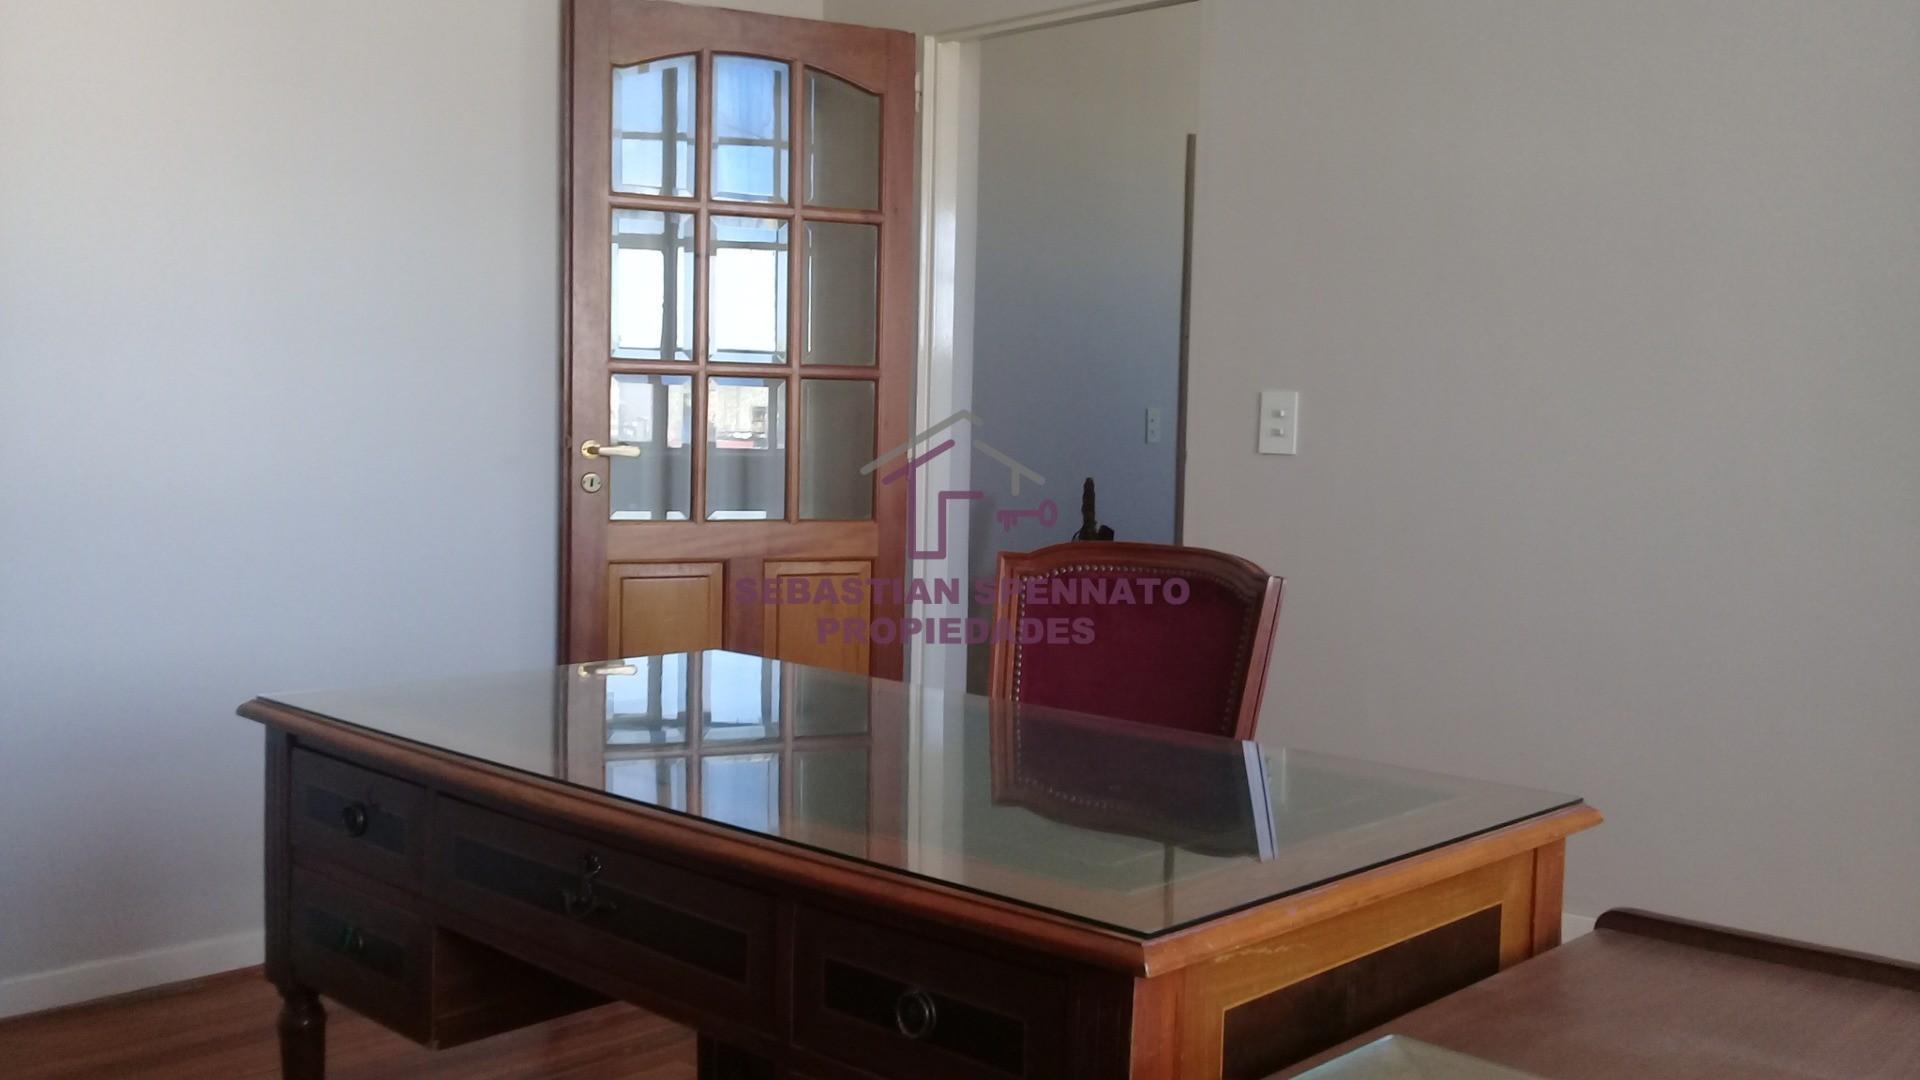 Oficina en Venta en Monserrat - 2 ambientes